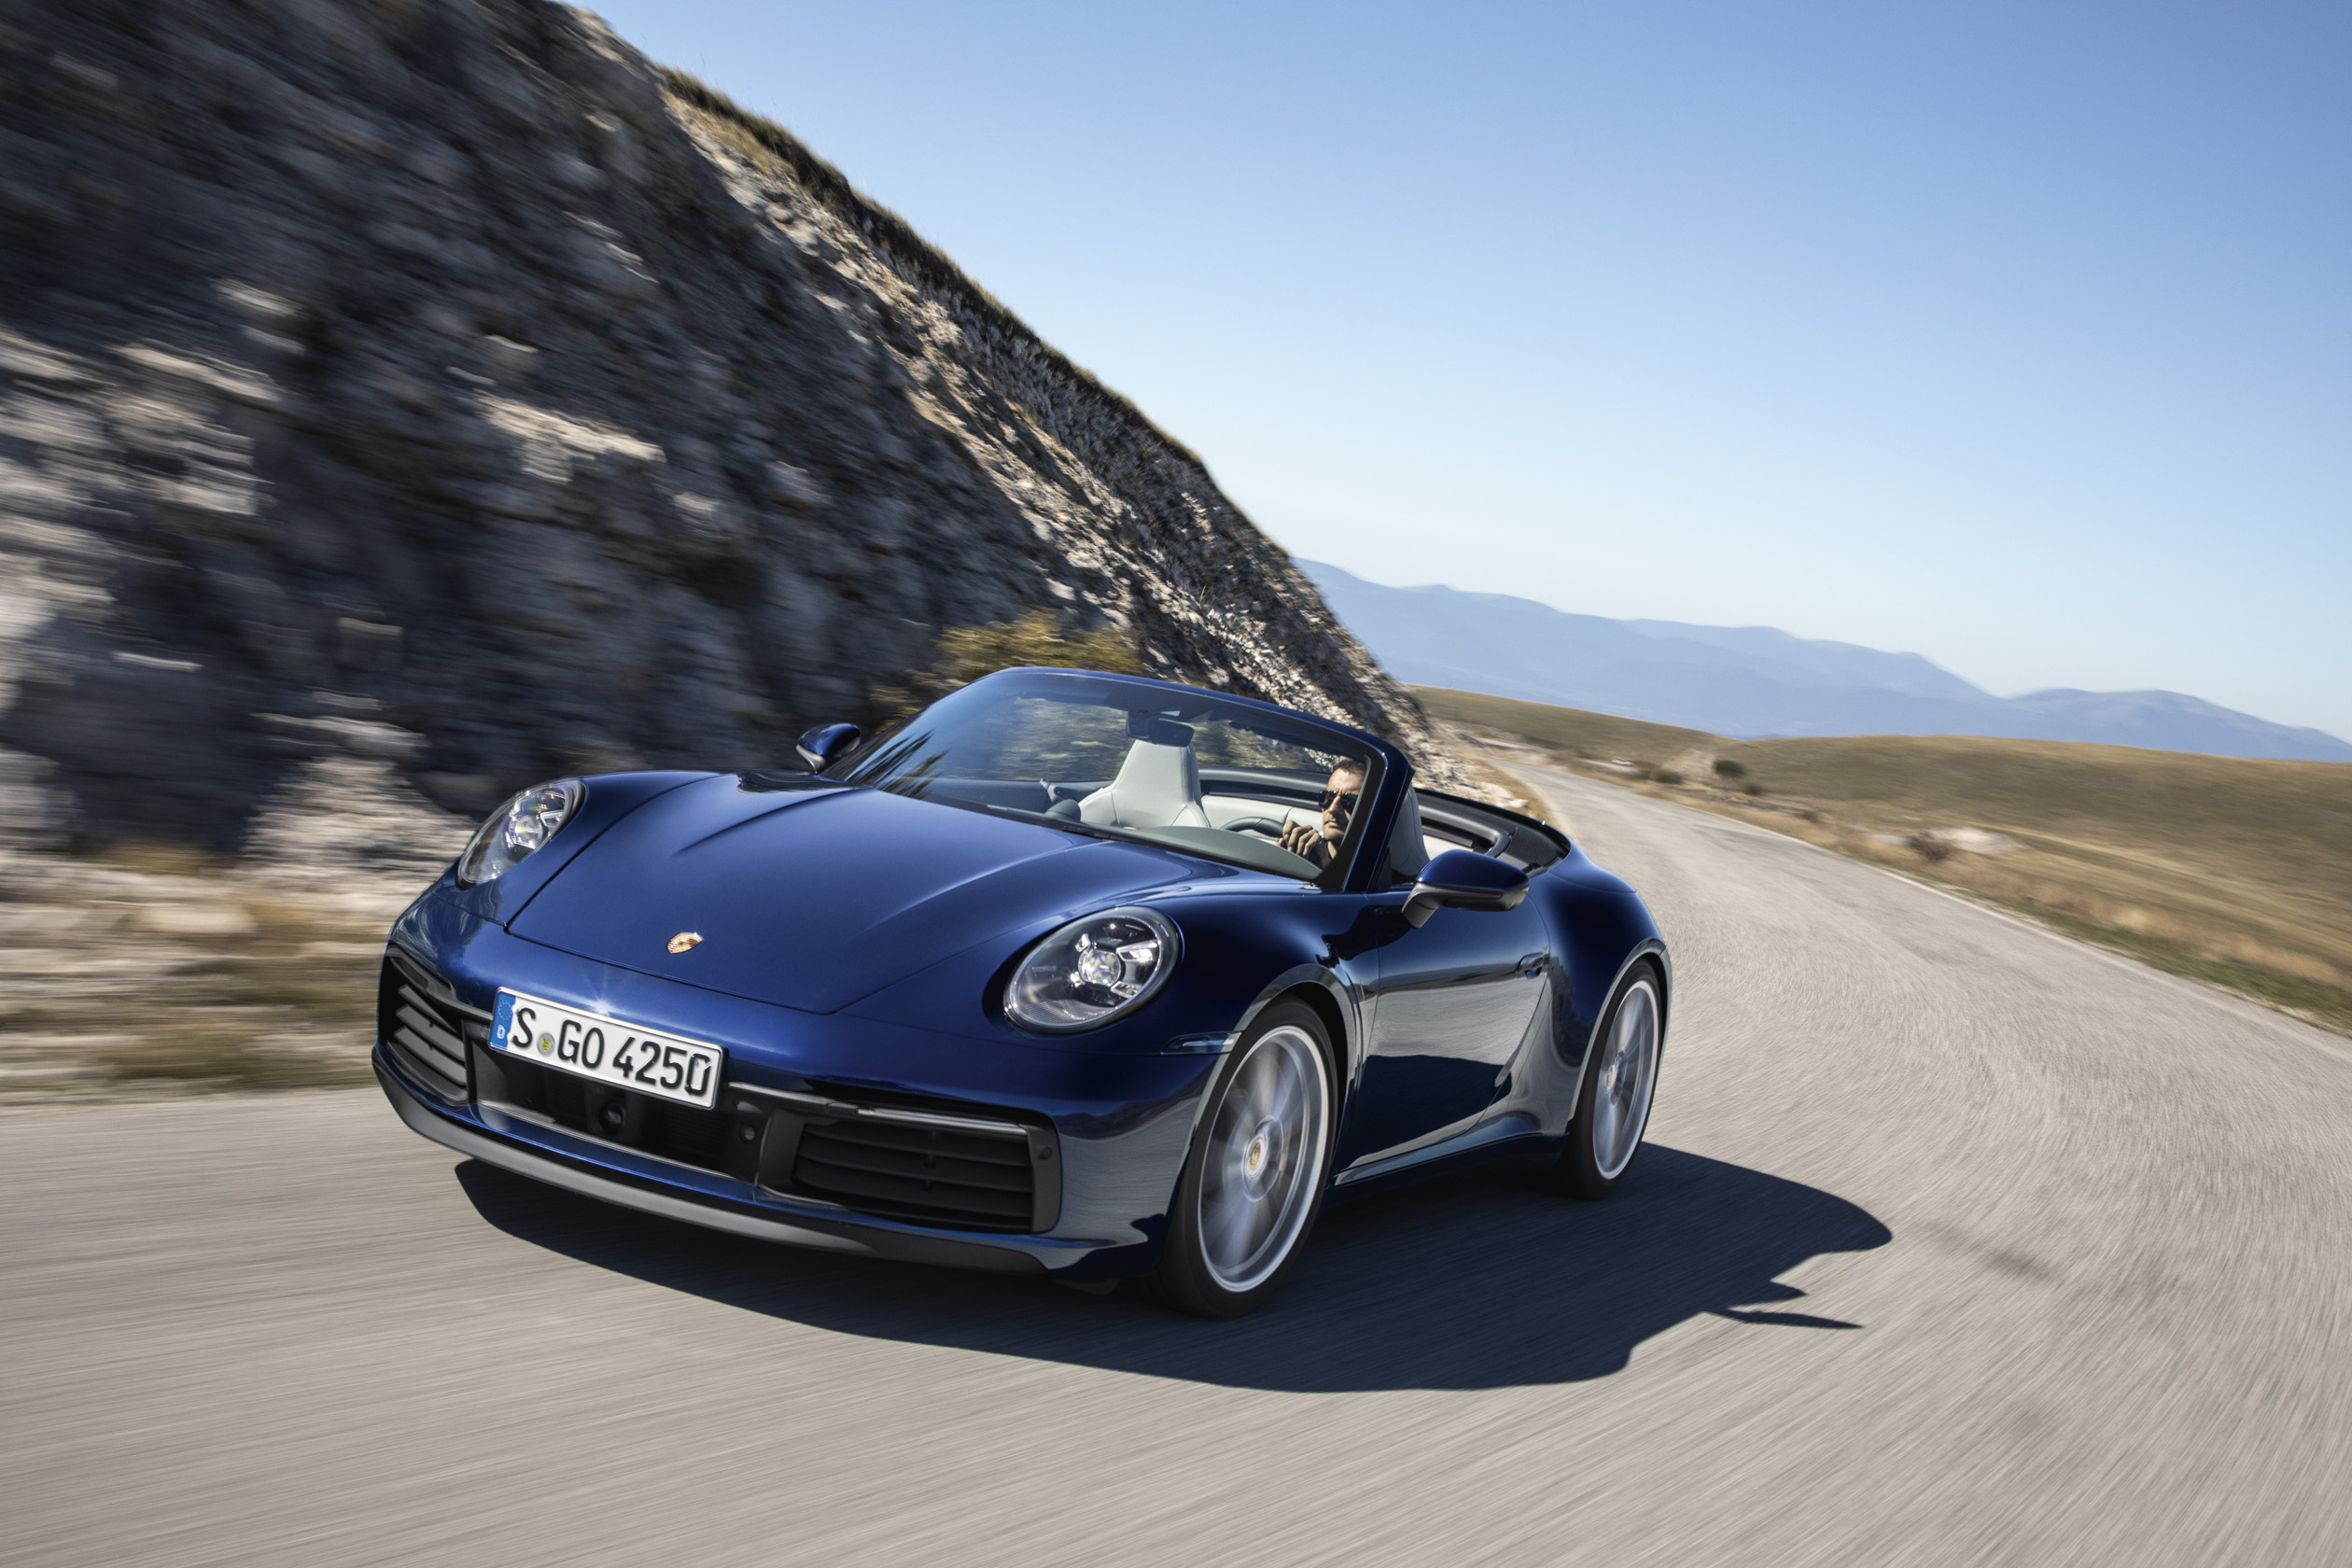 Porsche onthult eerste afgeleide model van zijn iconisch ontwerp.